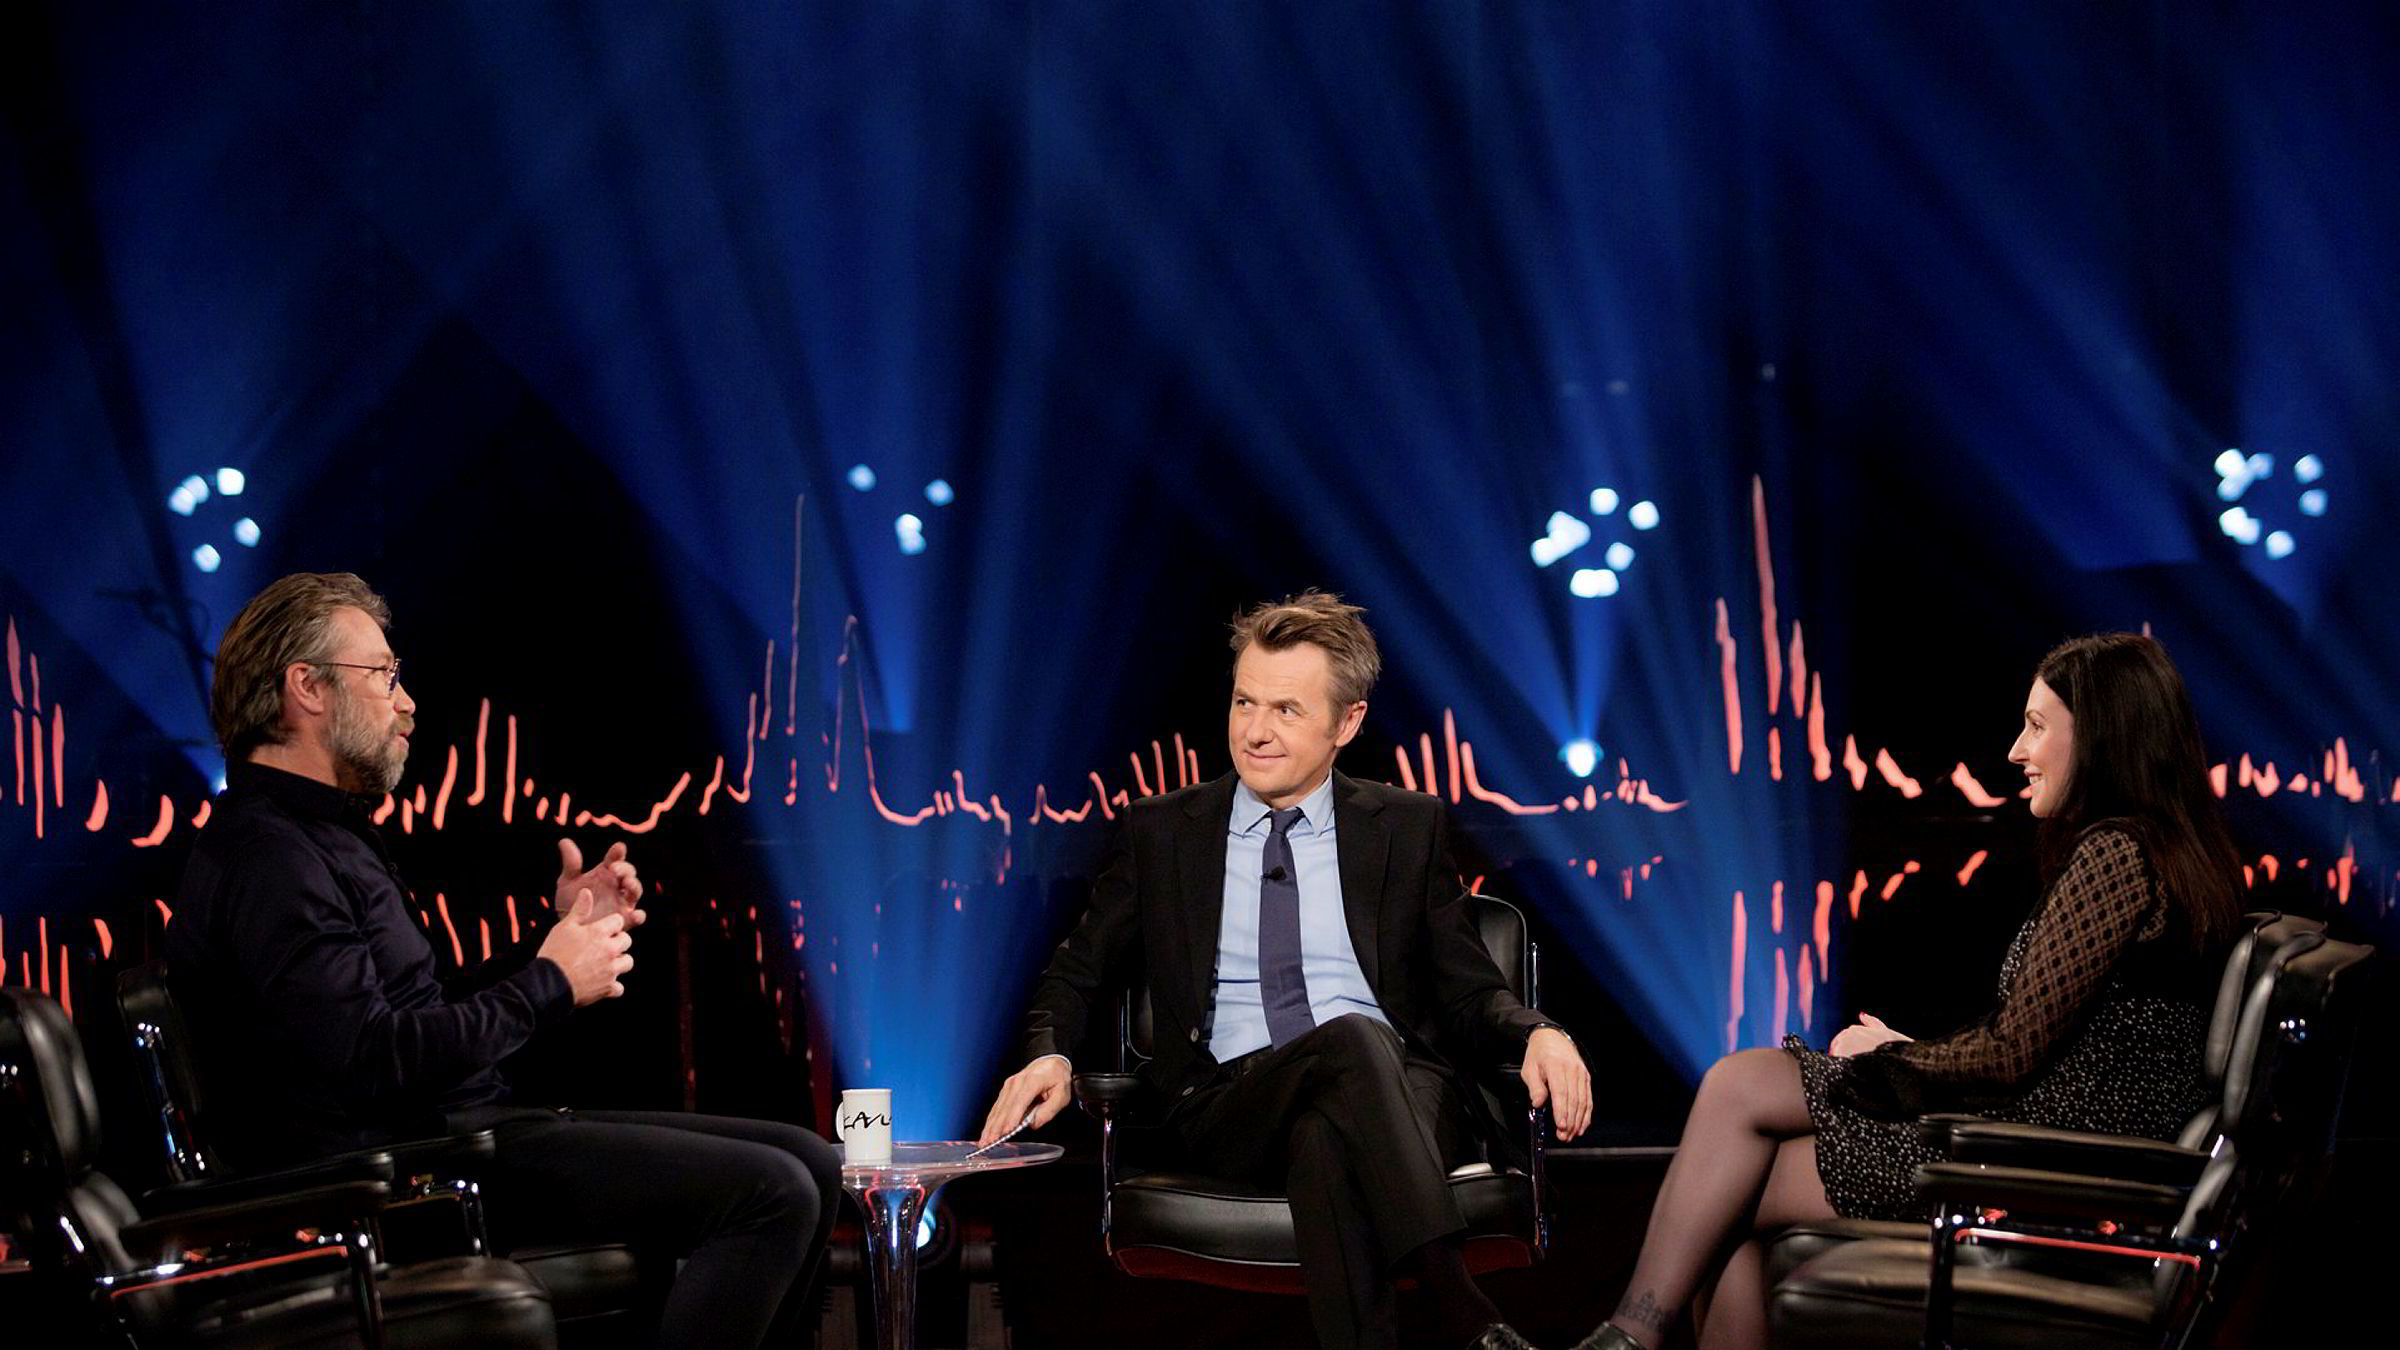 Skavlan: Den svenske hockeylegenden Peter Forsberg og den svenske komikeren Nour El Refai gjestet Fredrik Skavlans talkshow i desember 2019.